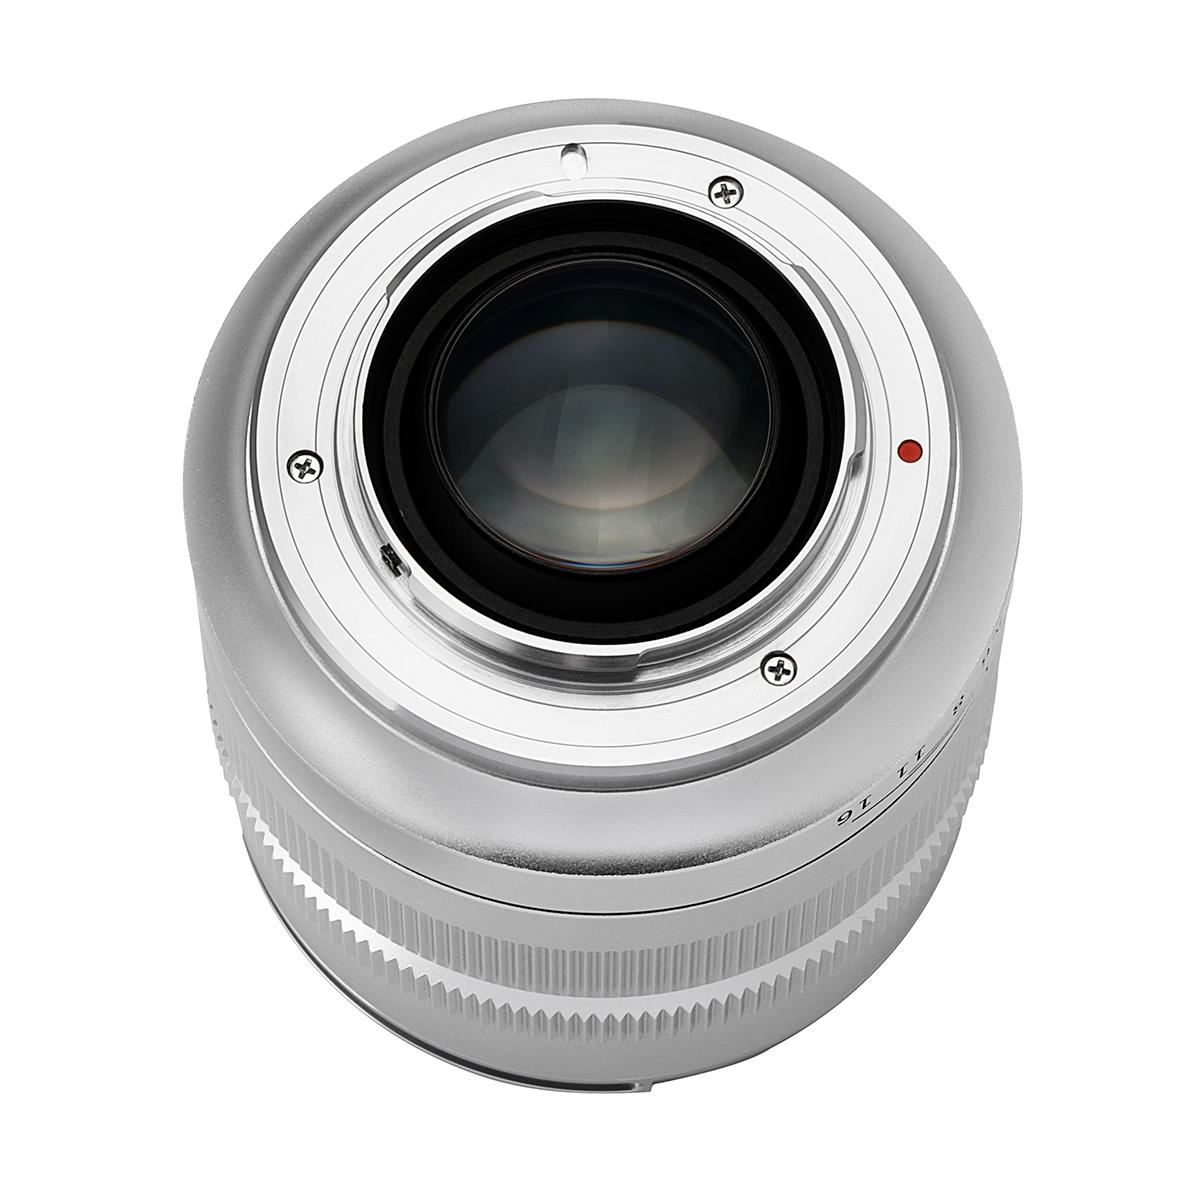 中一光学 SPEEDMASTER 17mm F0.95 マイクロフォーサーズマウント 単焦点レンズ シルバー